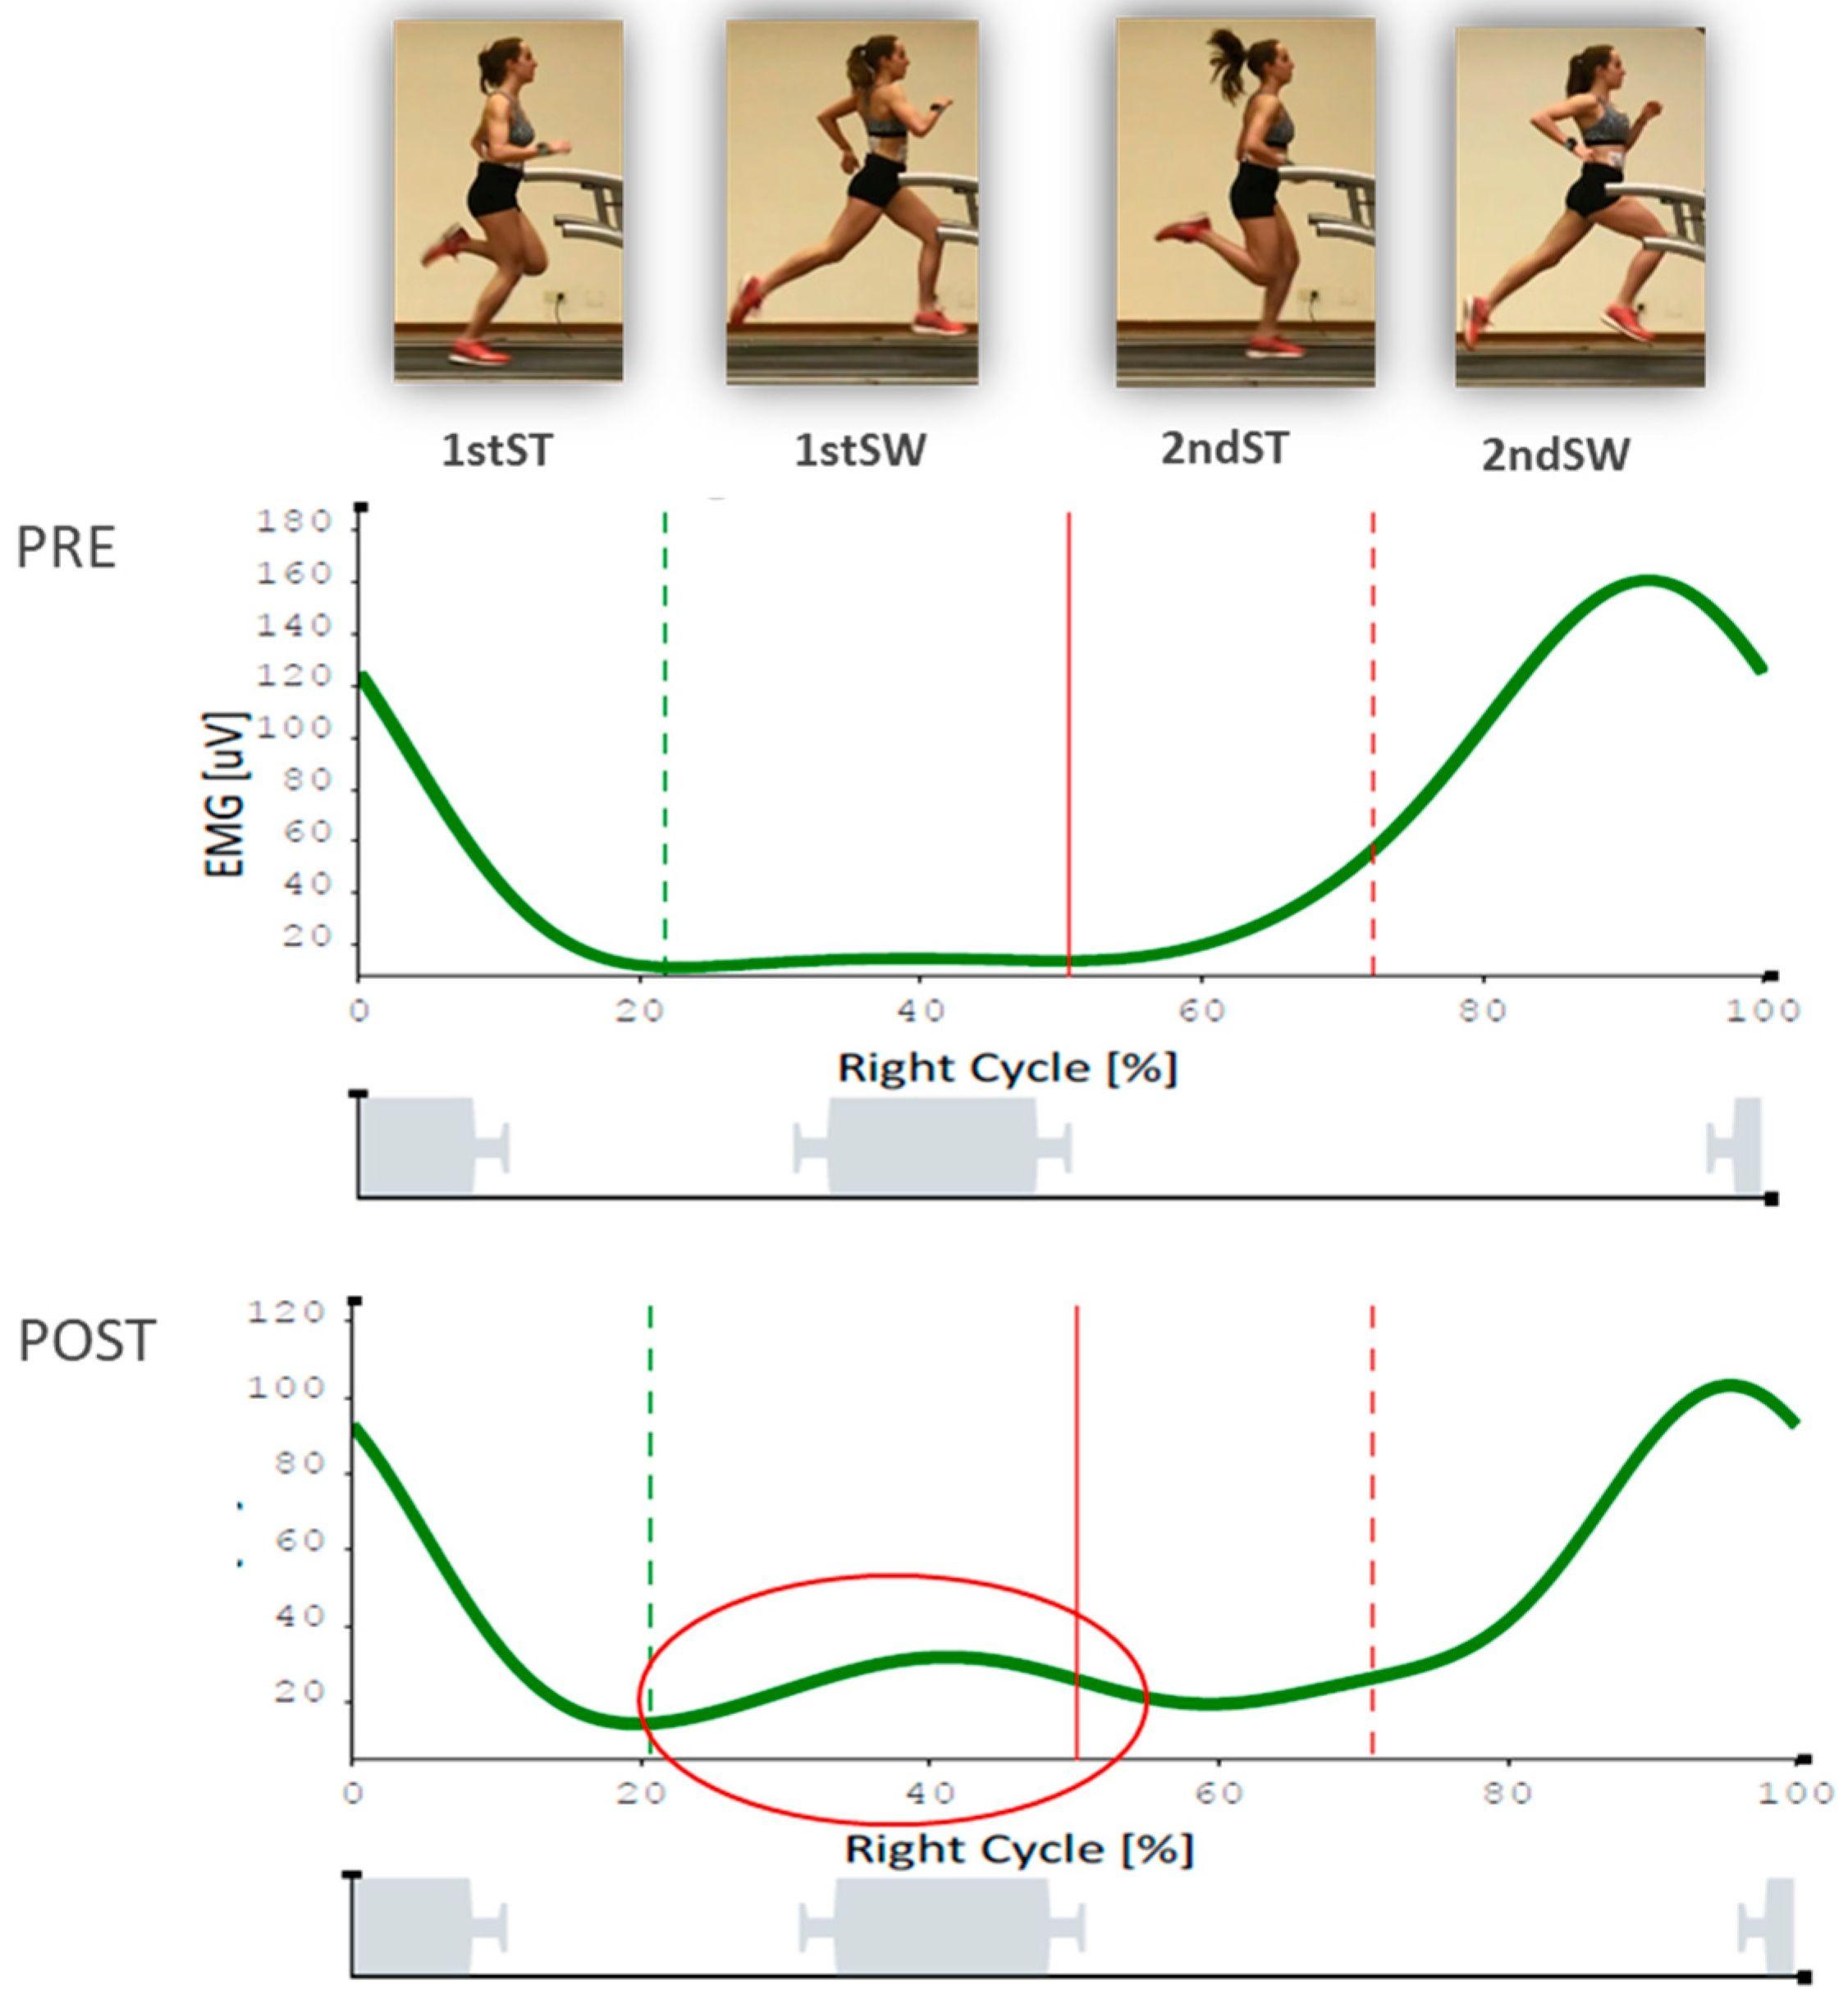 Mejoras en las variables obtenidas a través de los sensores biomecánicos en la investigación de la CEU UCH con jóvenes triatletas.